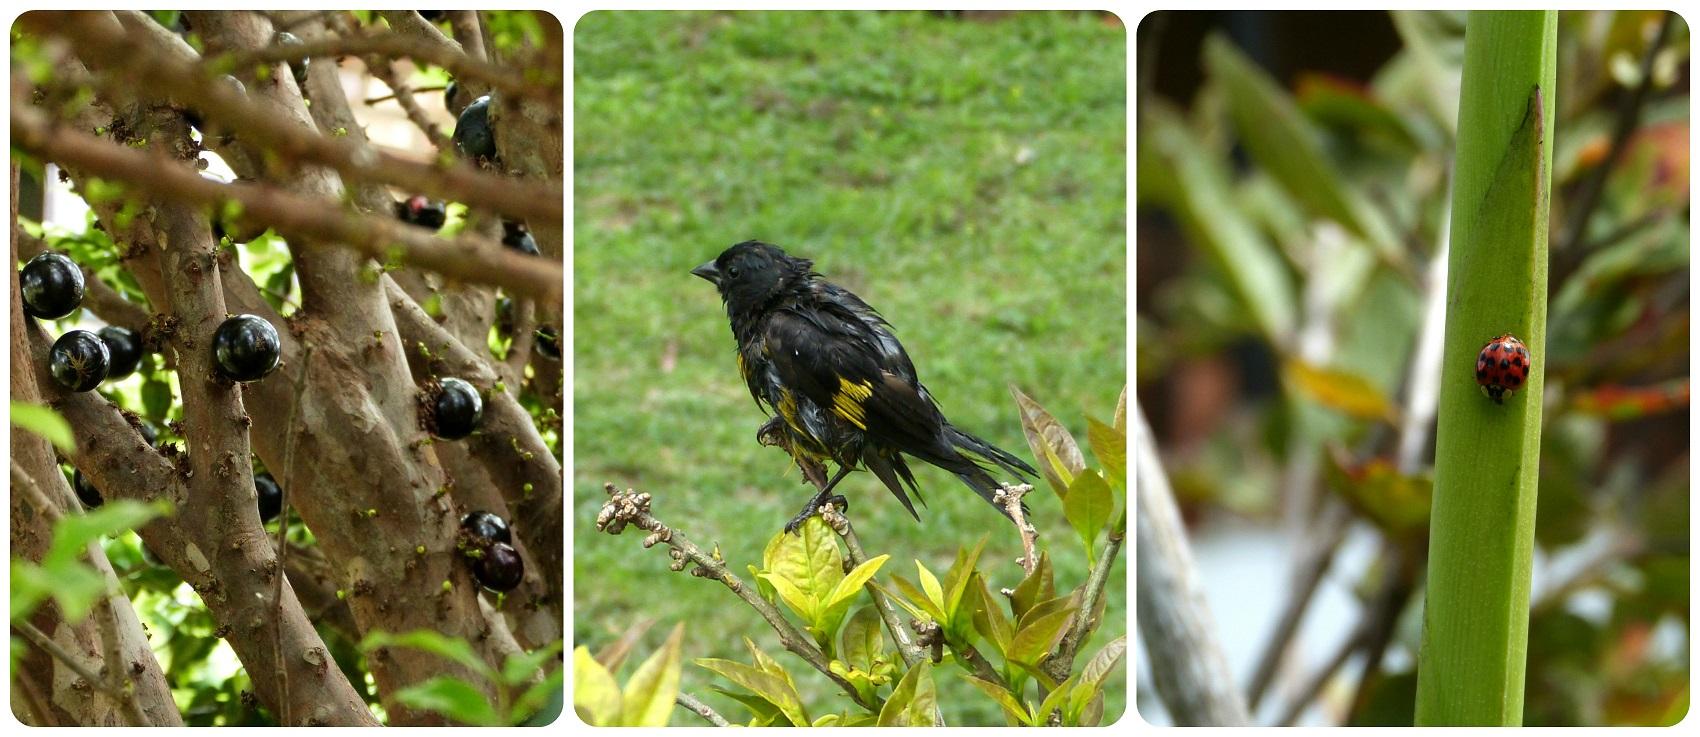 Frutos y animales encontrados en el jardín del restaurante Rancho de Lucho de Popayán : Spinus xanthogastrus